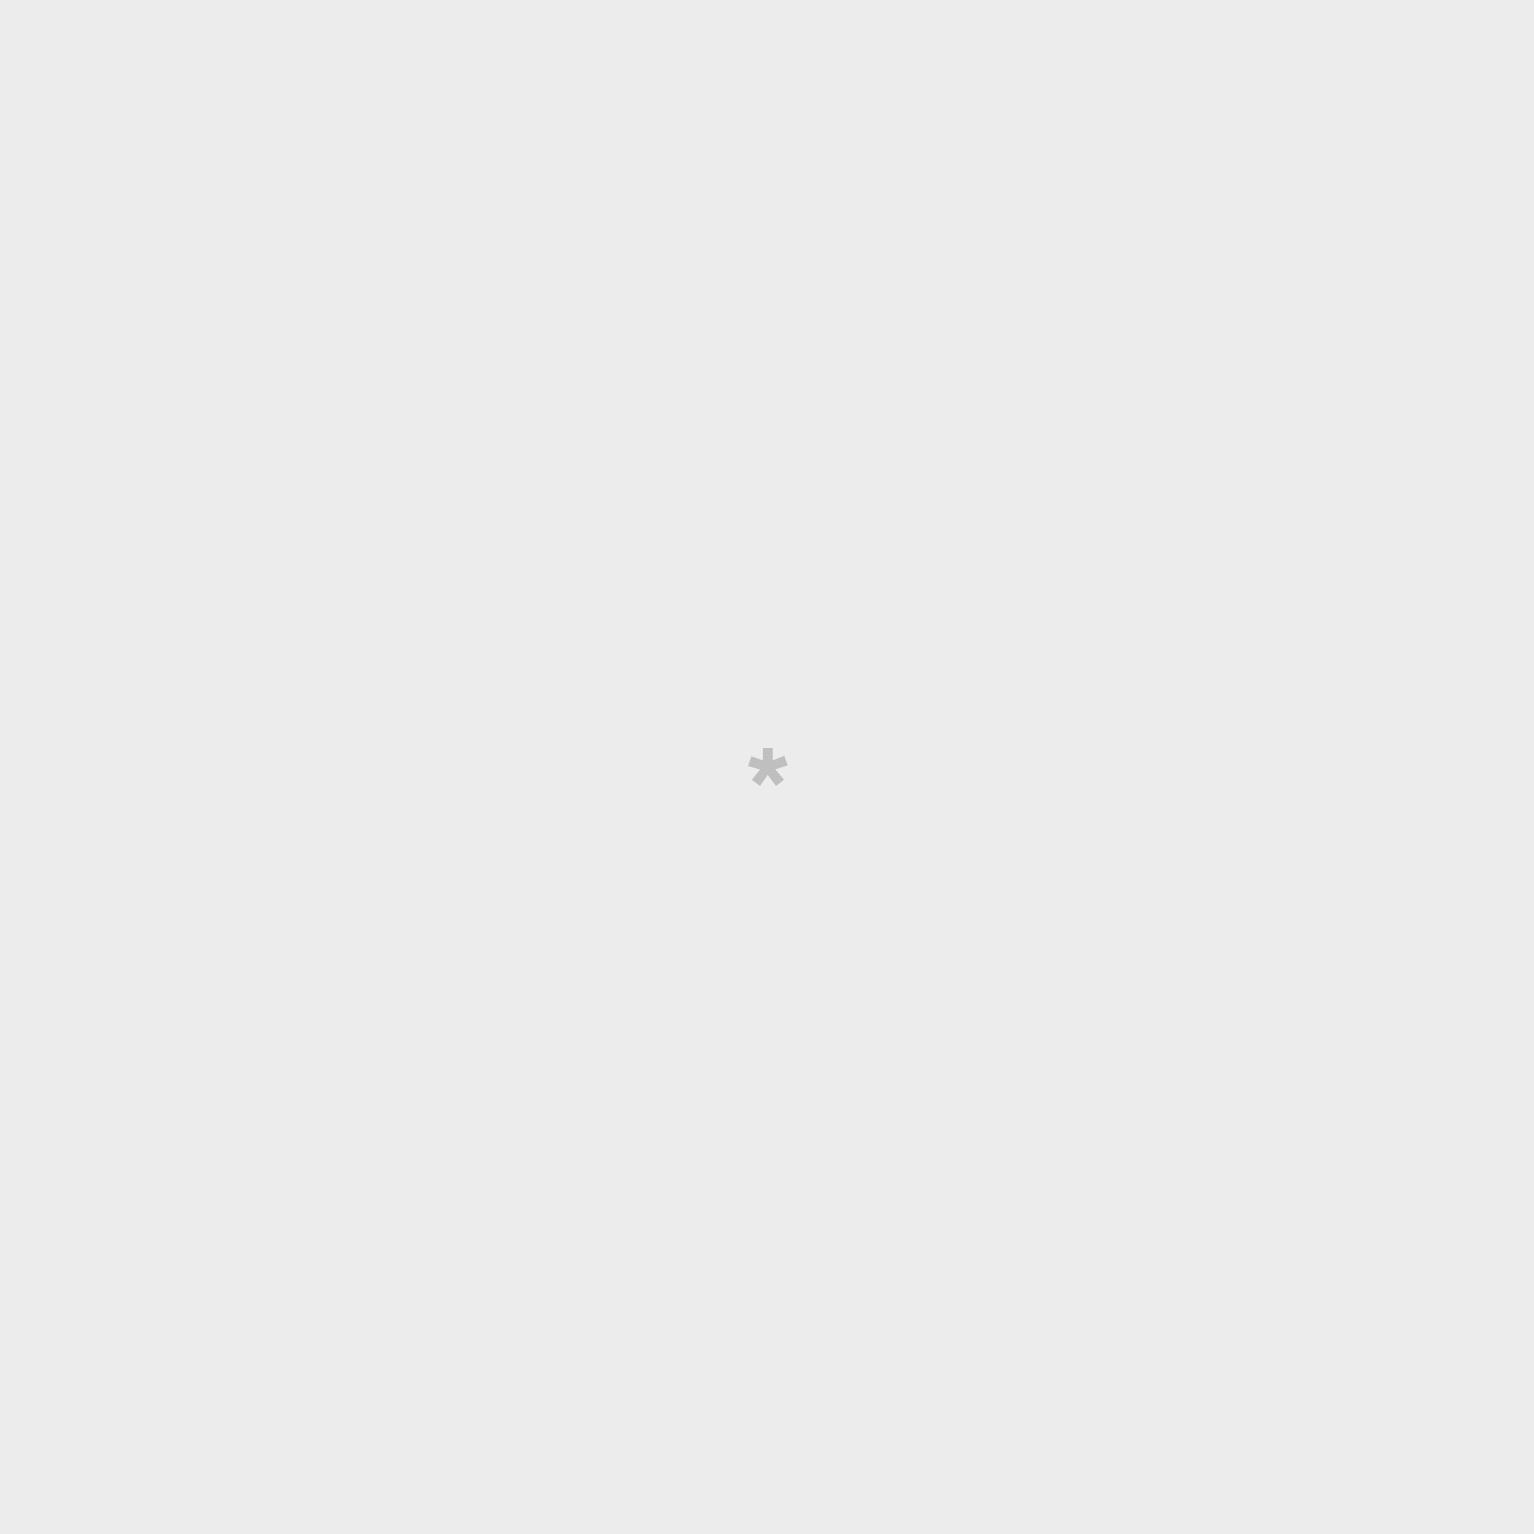 Diario de viaje - Felicidad es planear tu nuevo viaje